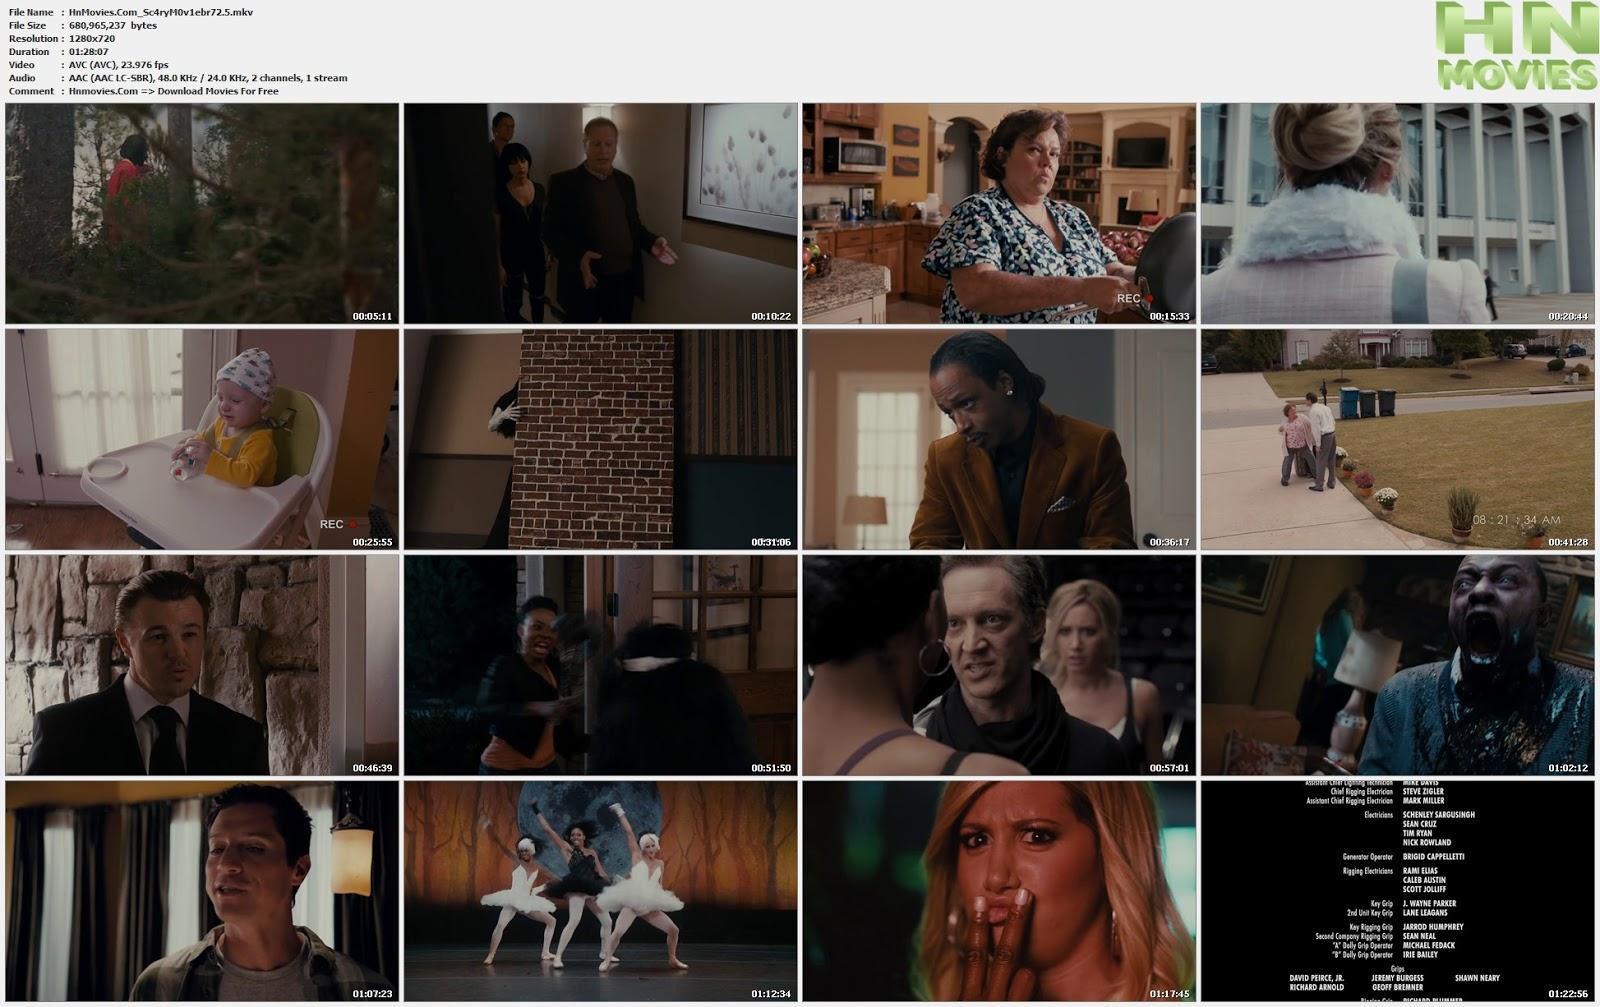 HnMovies.Com Sc4ryM0v1ebr72.5.mkv